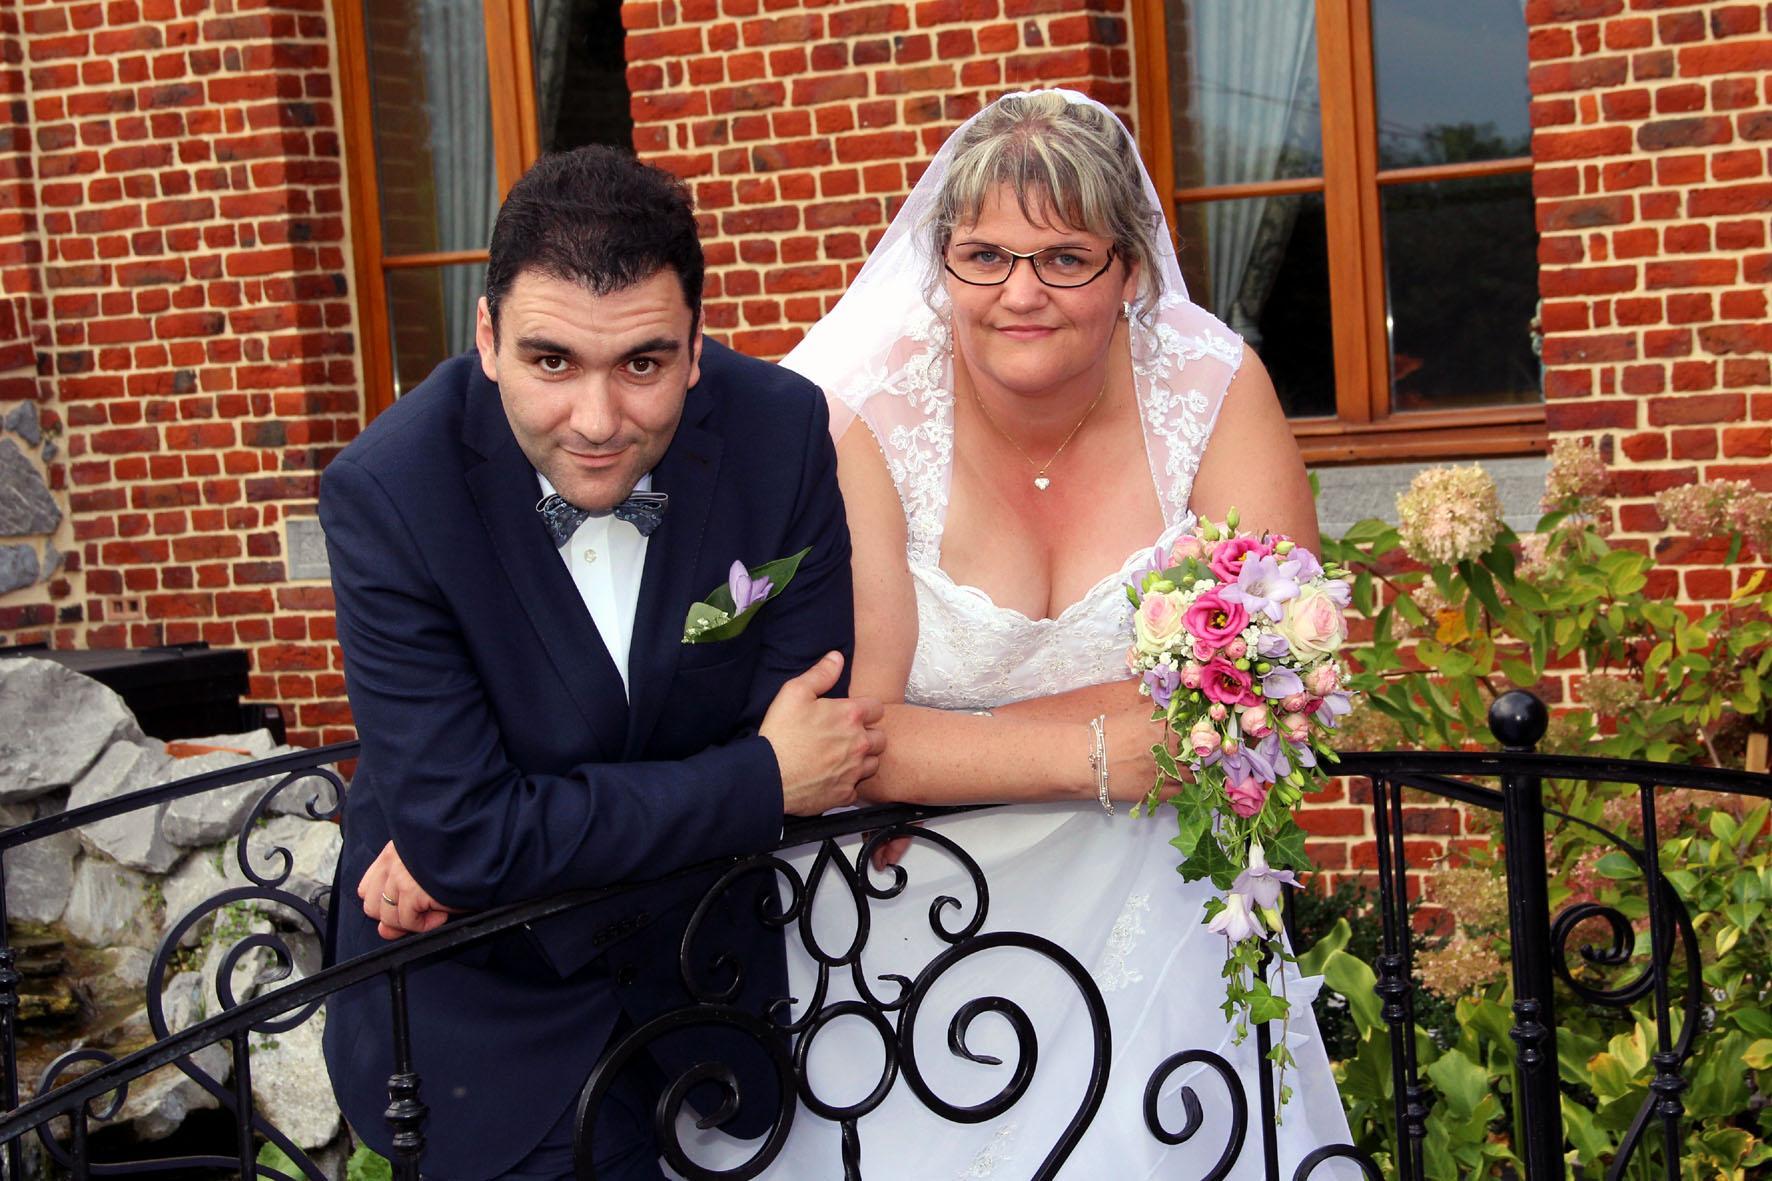 Le mariage de Sandrine et Dimitri est en ligne